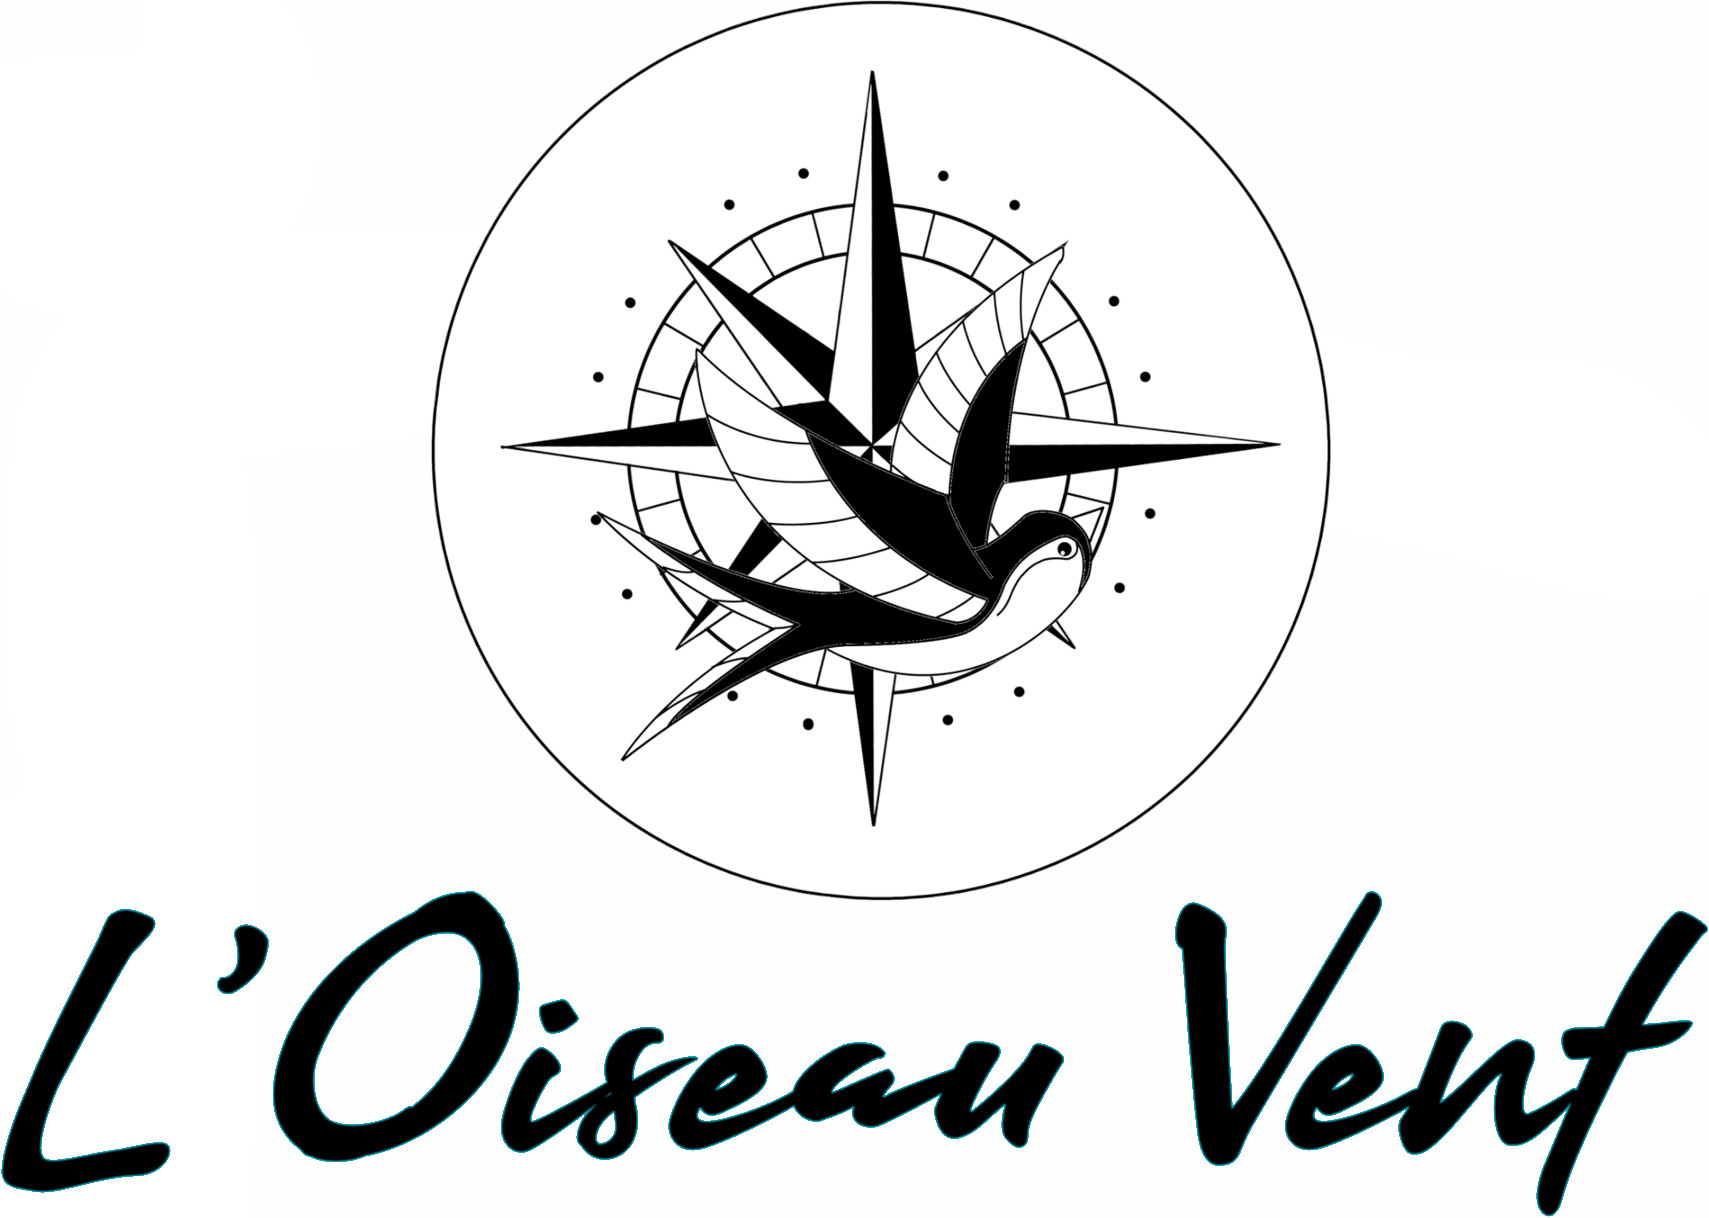 Notre marque propre de cosmétiques bio et naturels L'Oiseau Vent